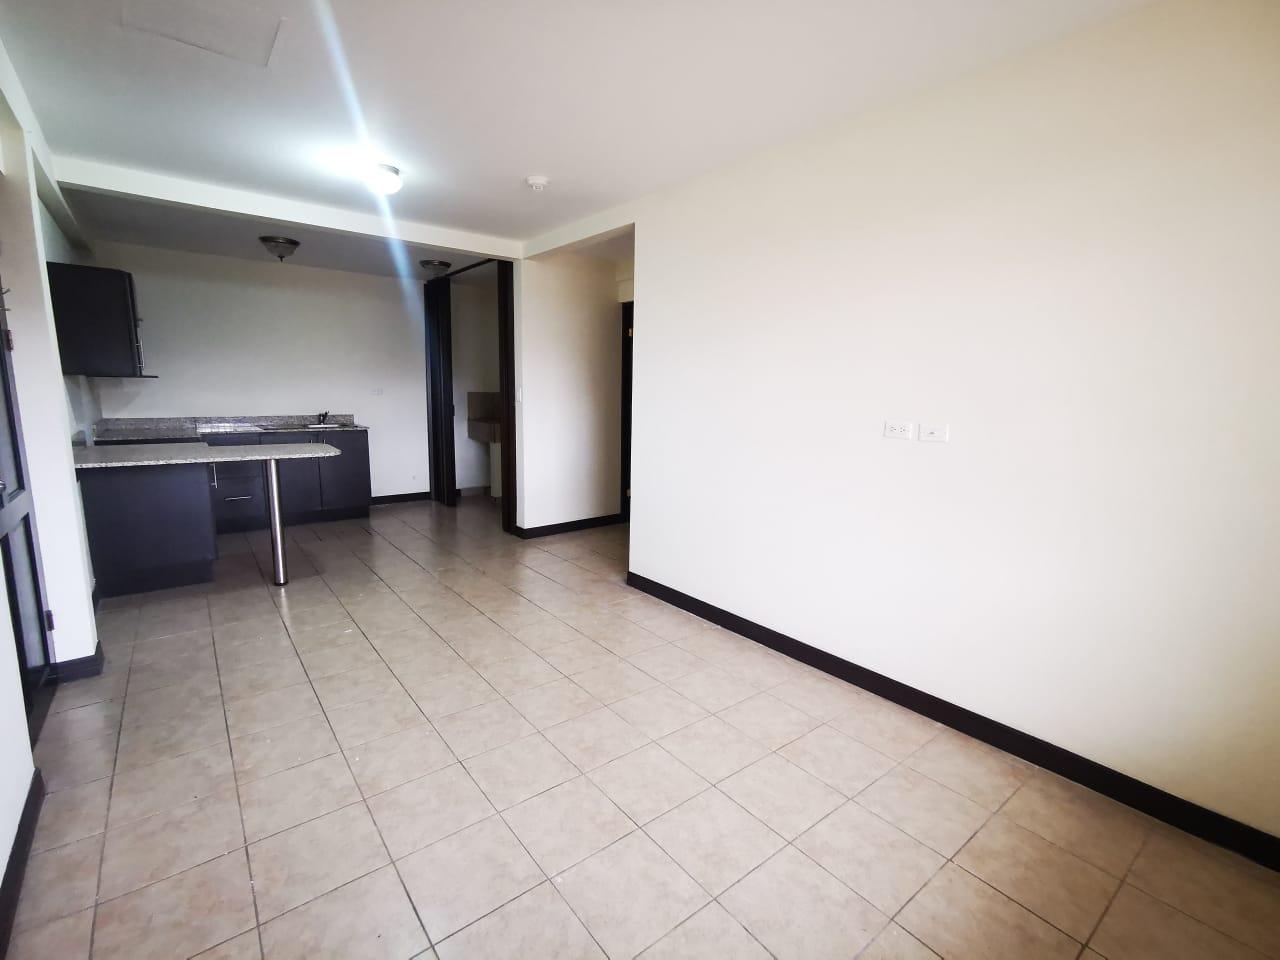 3052 Se alquila apartamento en Rohrmoser, cerca del Parque La Sabana.